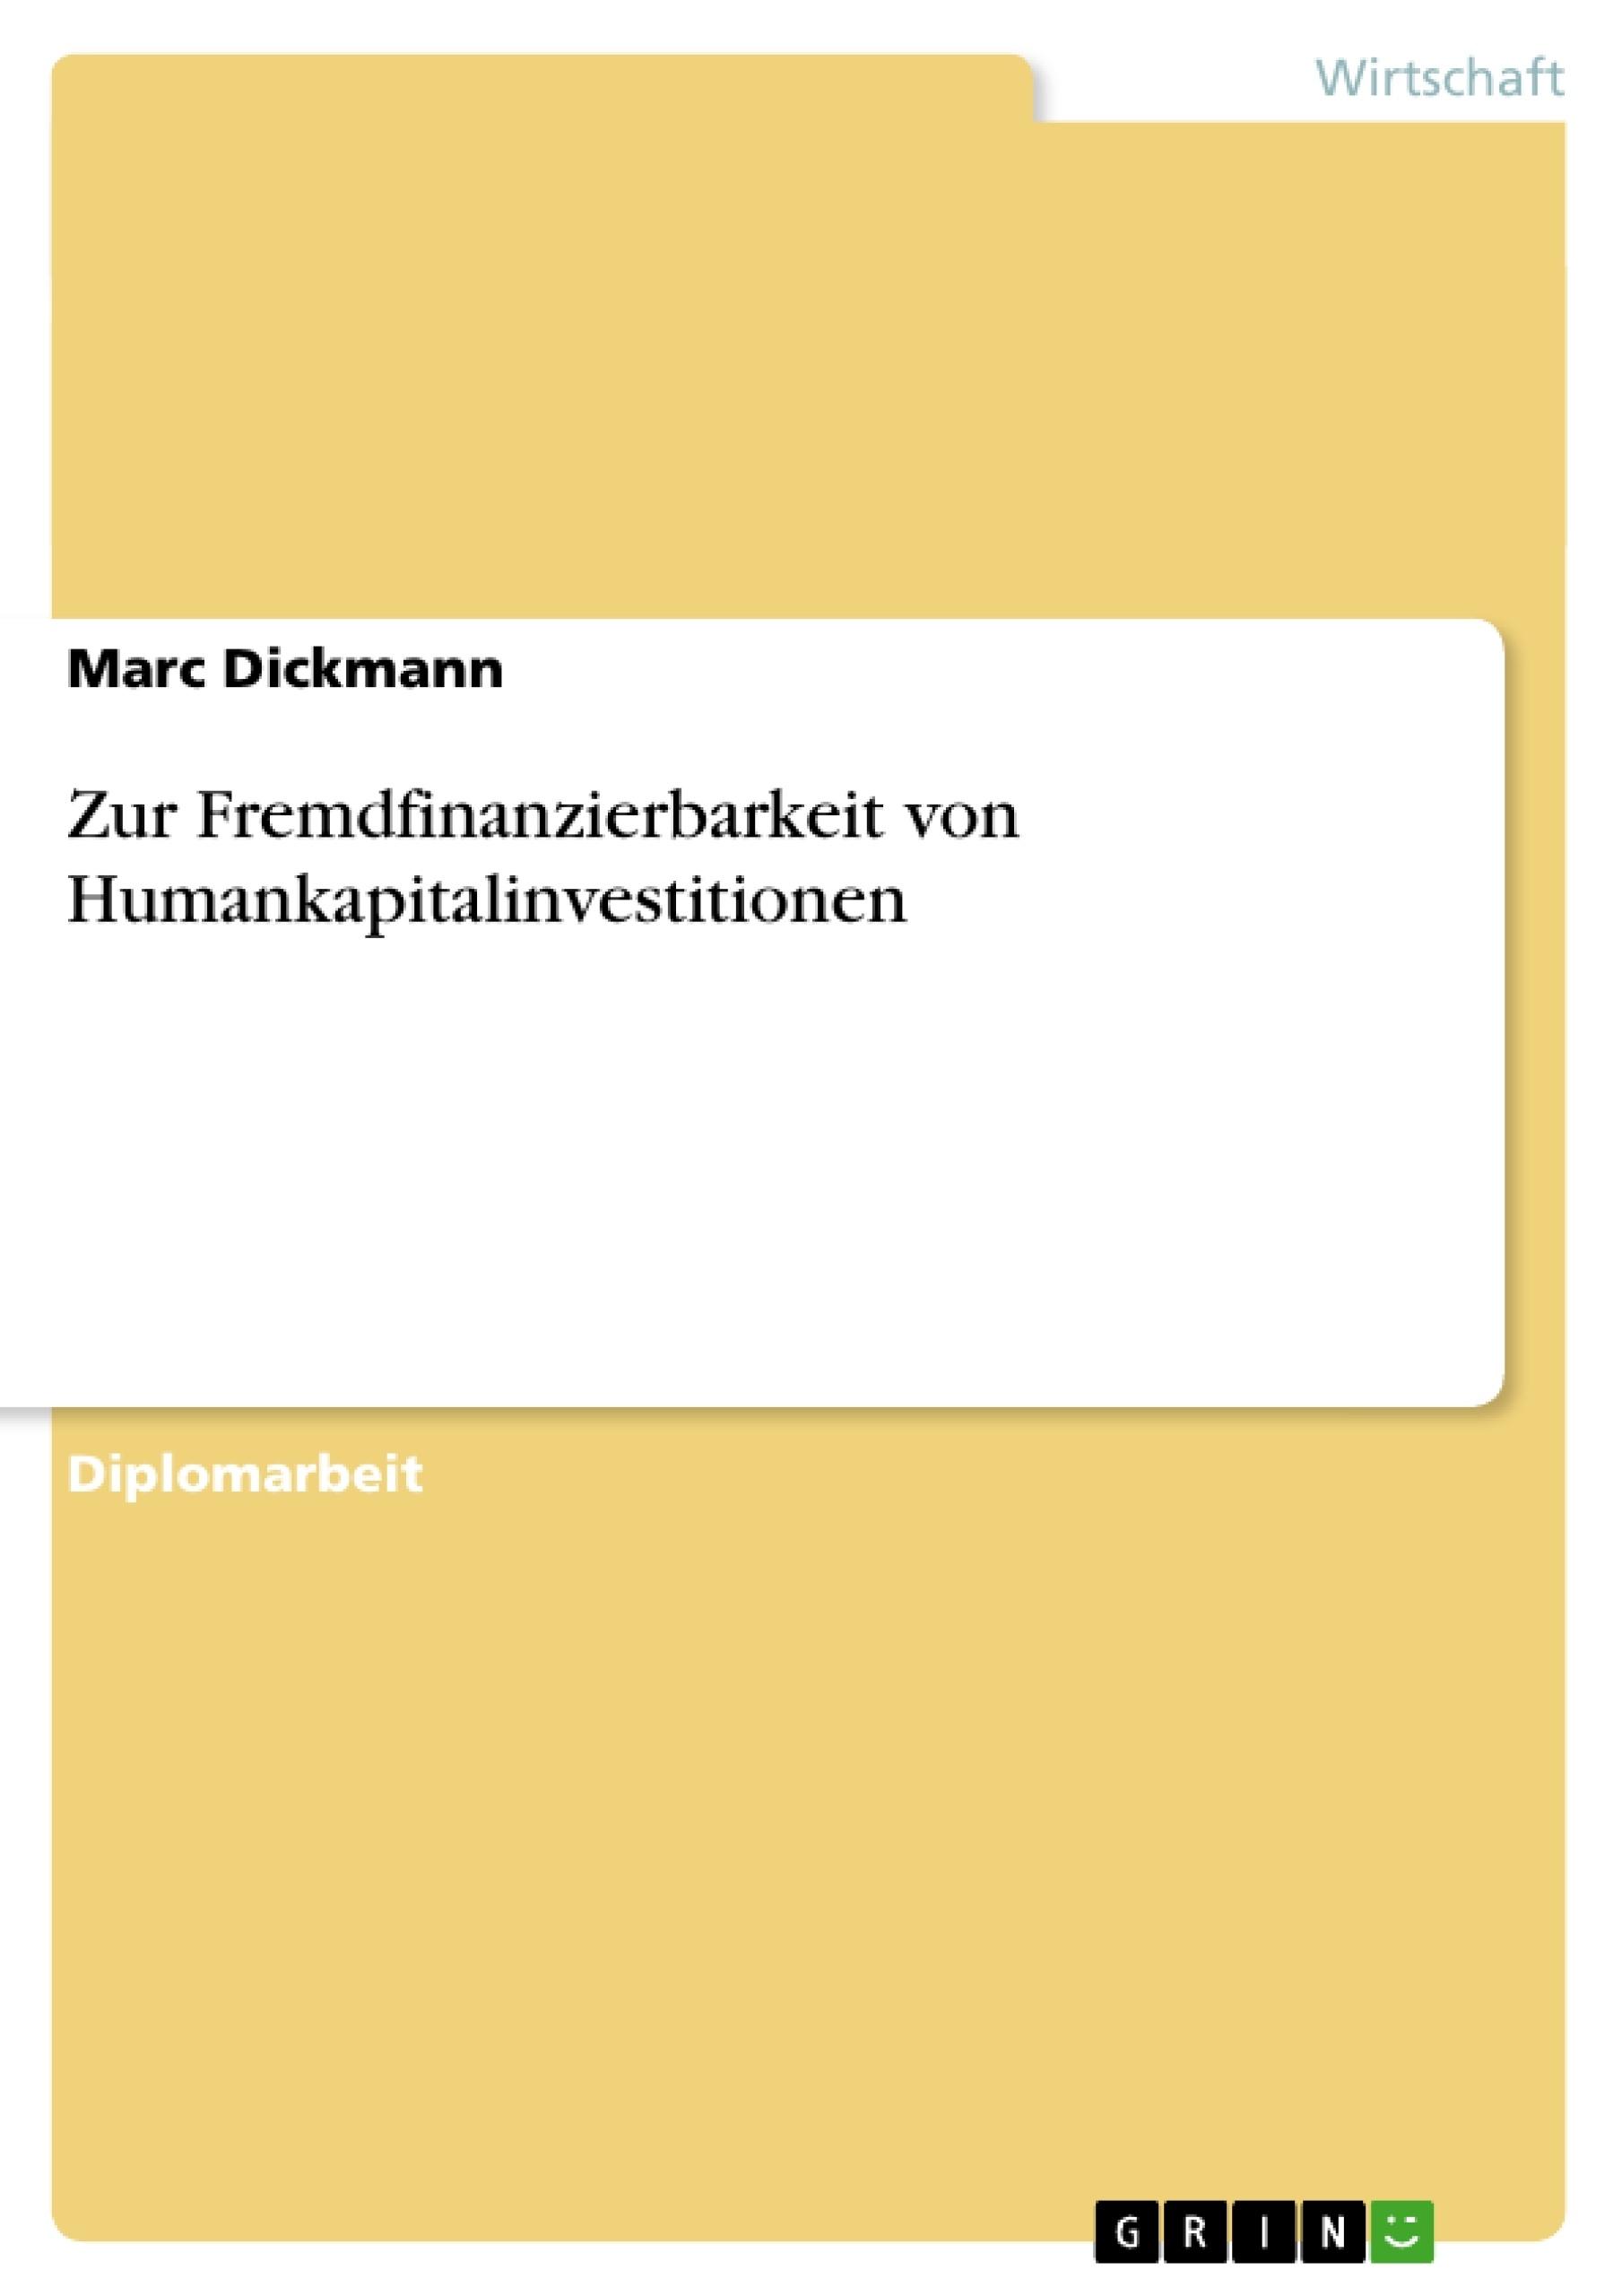 Titel: Zur Fremdfinanzierbarkeit von Humankapitalinvestitionen